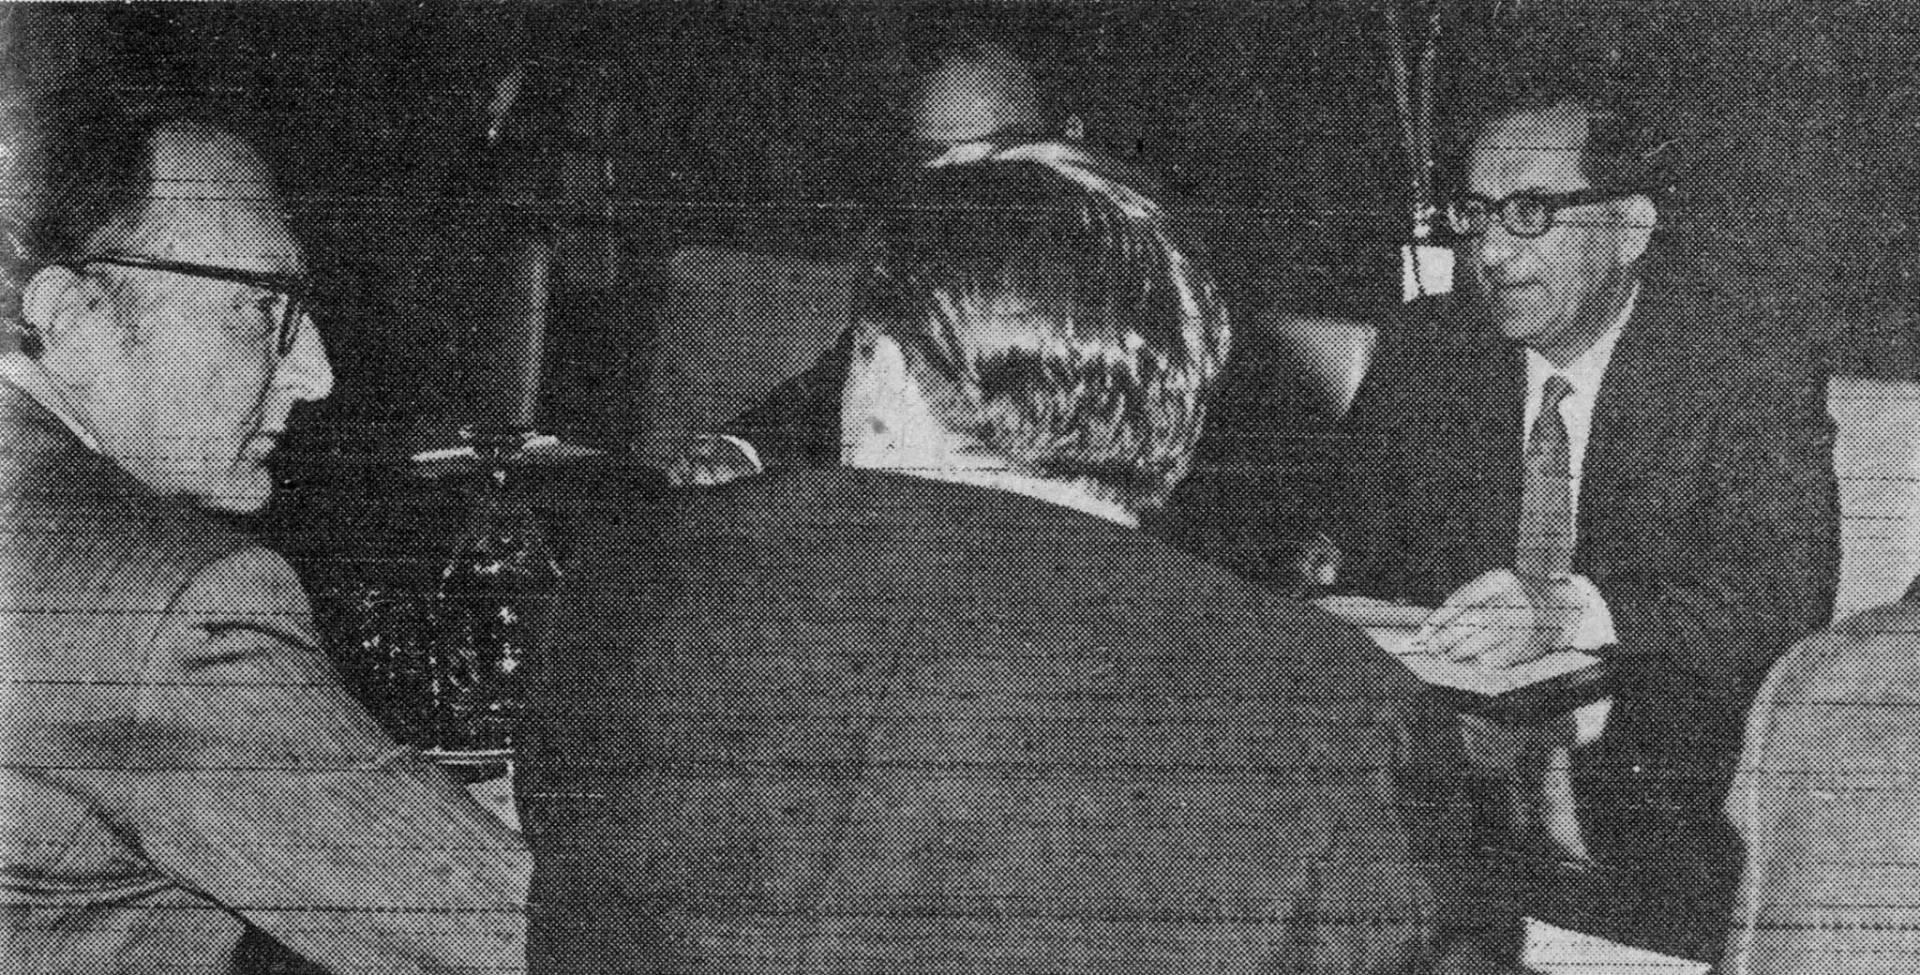 وزير الدفاع البريطاني اللورد كارنغتون ودوم منتوف رئيس وزراء مالطا.. صورة أرشيفية